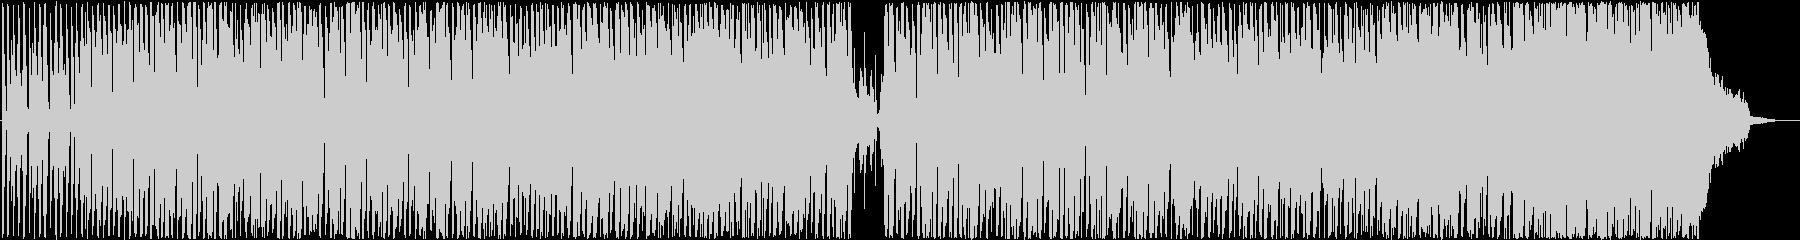 お気楽ハッピーな雰囲気のBGMの未再生の波形